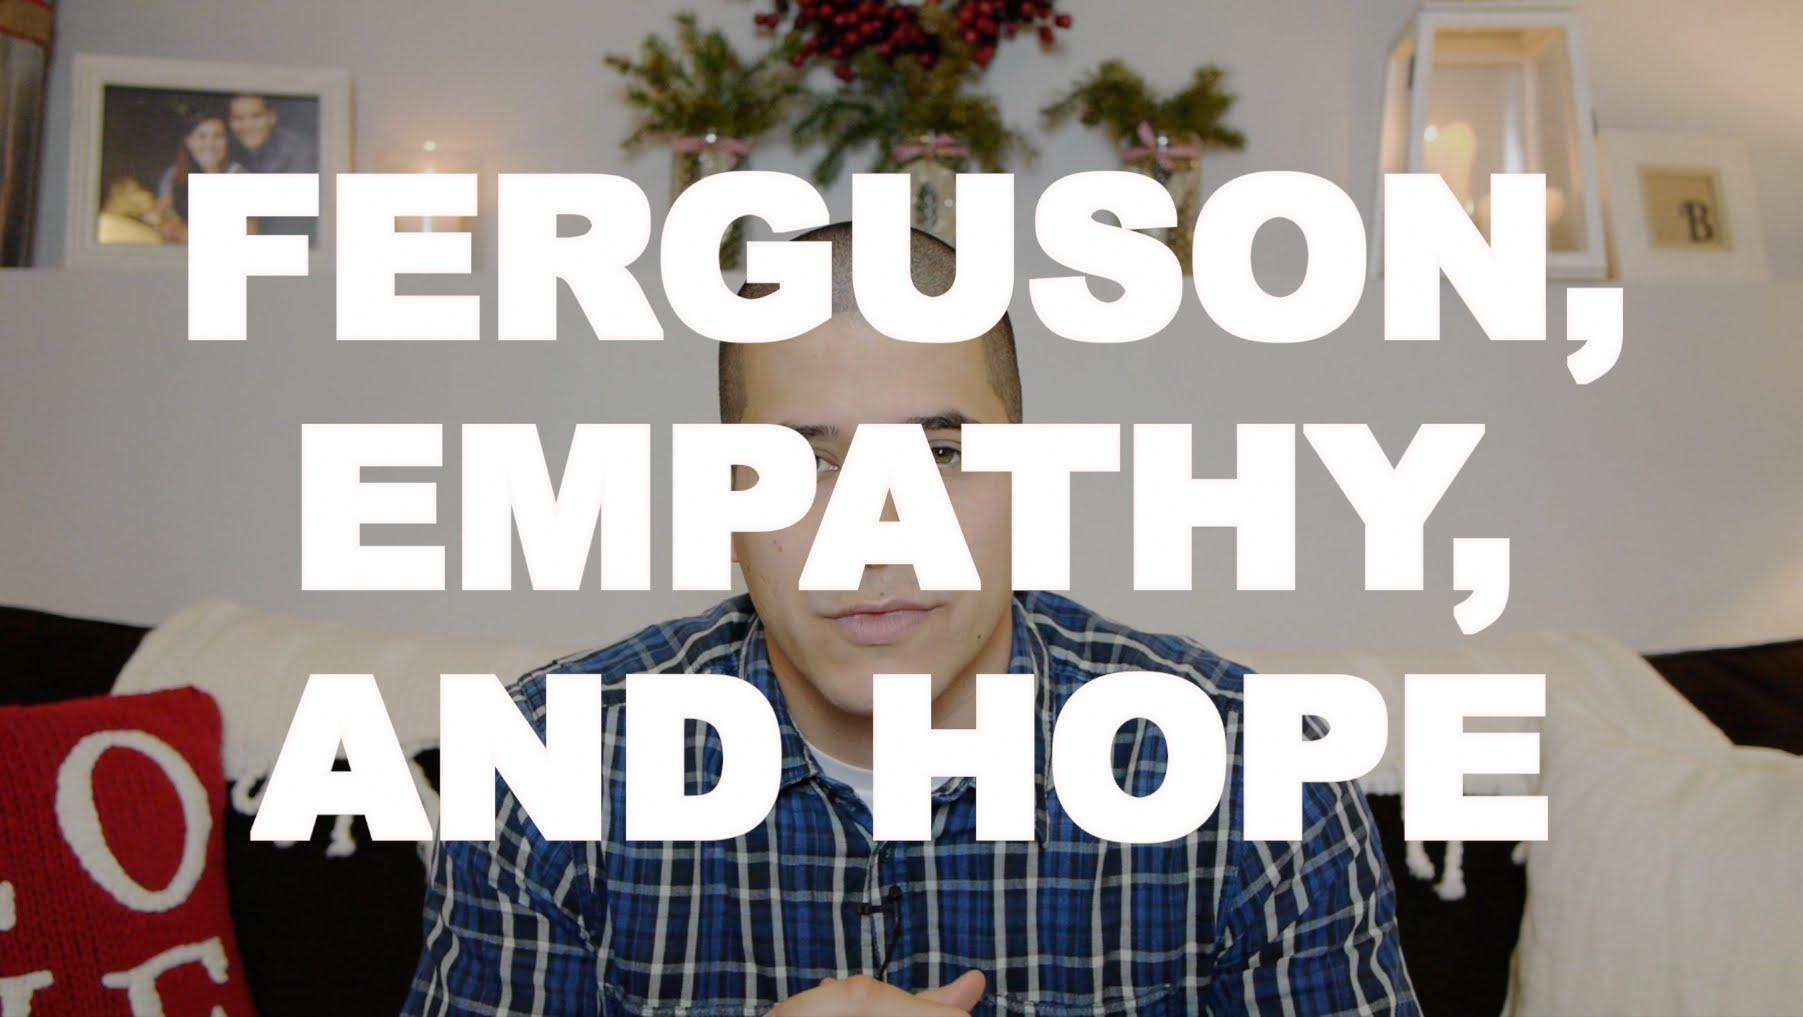 Ferguson, Empathy, & Hope